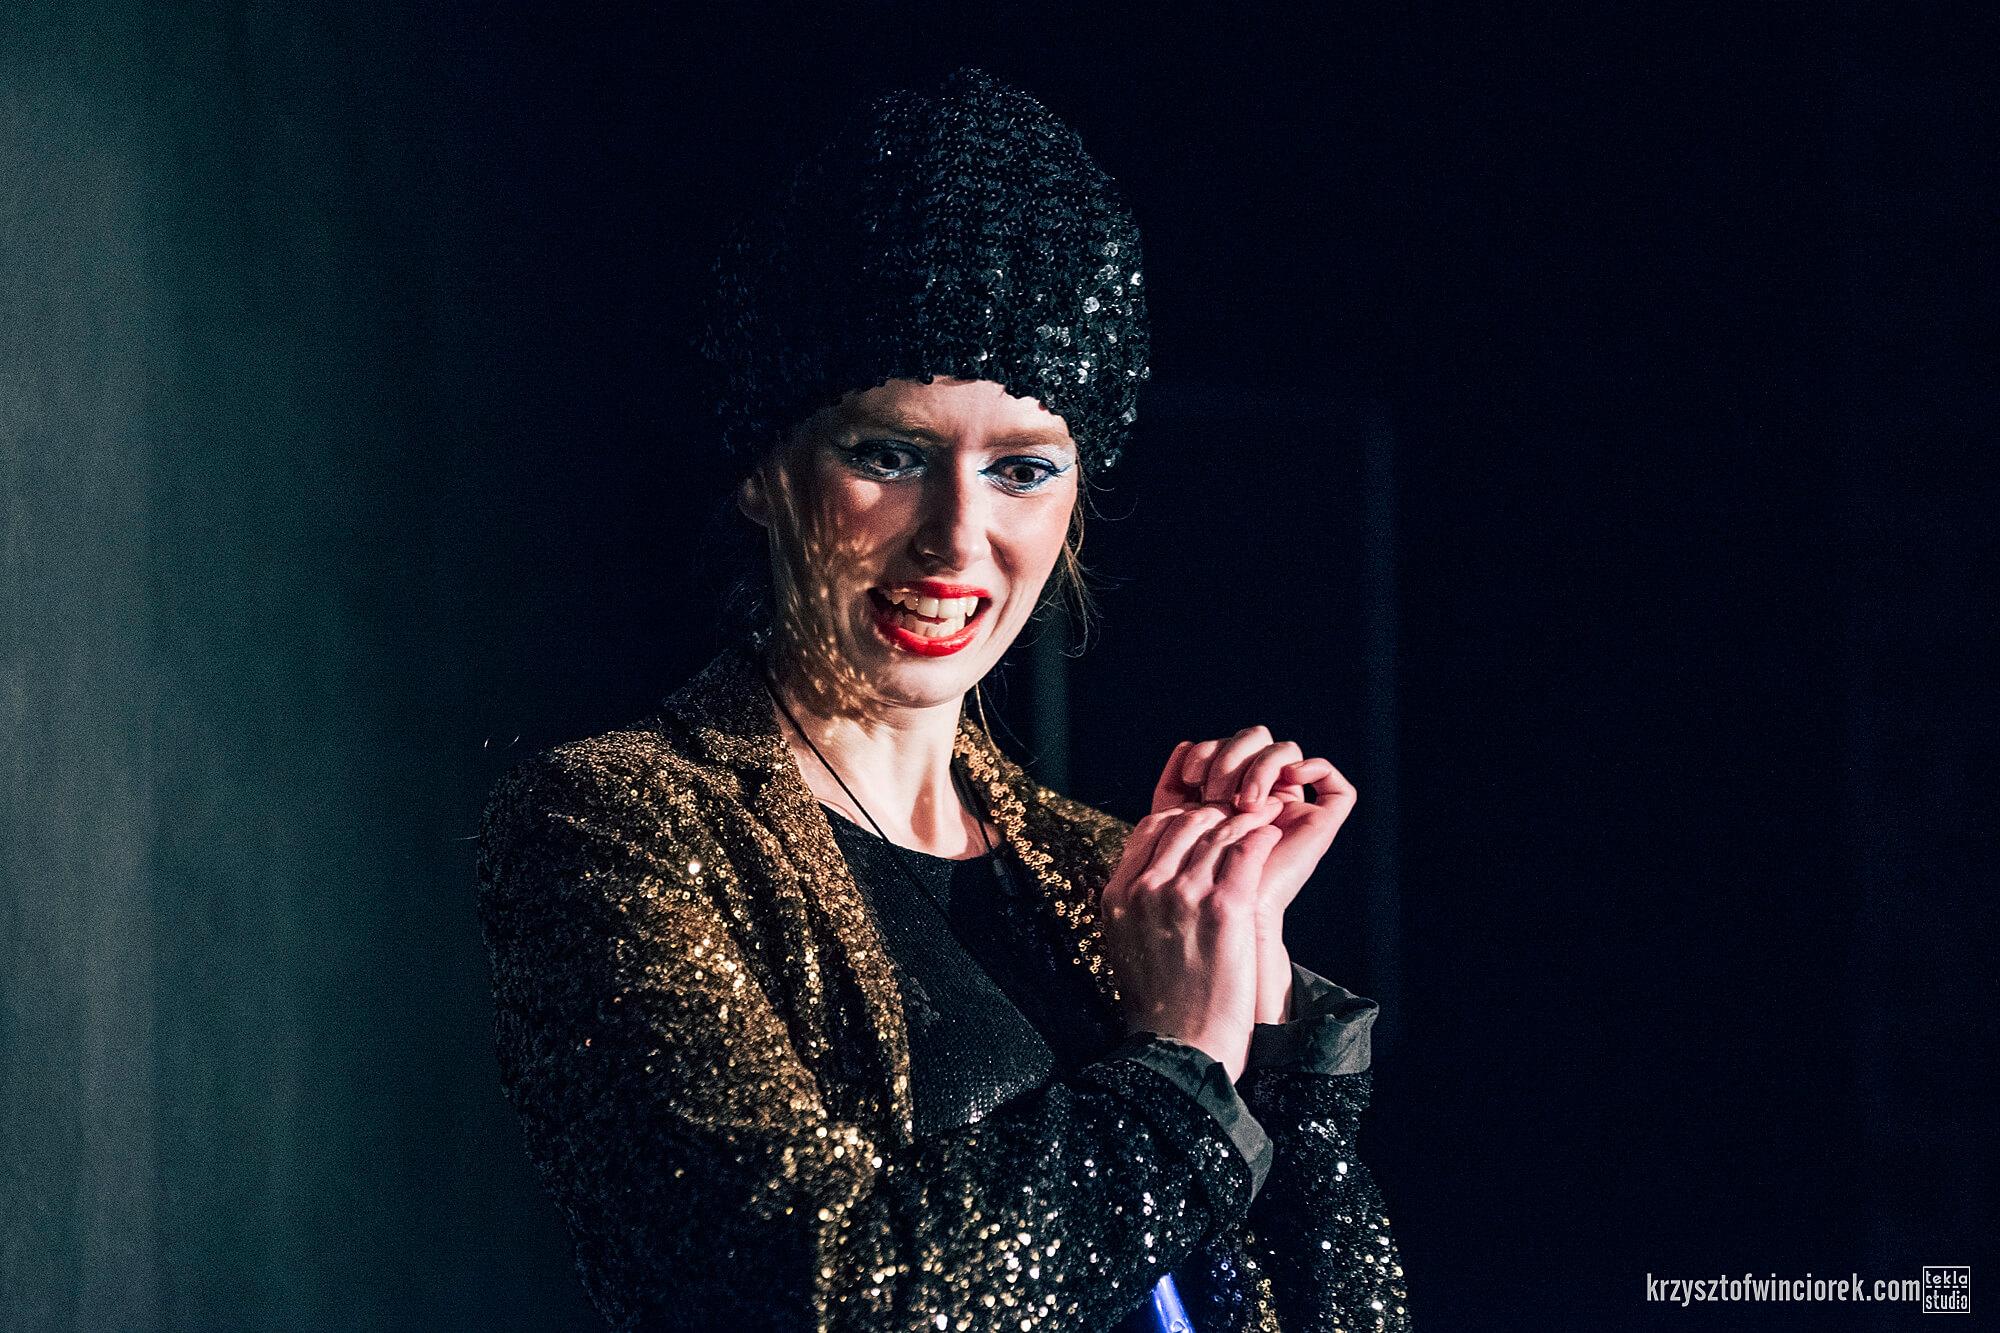 Zdjęcie z festiwalu Pociąg do miasta. Aktorka ubrana w cekinową marynarkę i czapkę. Widac jej zęby. Ręce ma splecione przed sobą.